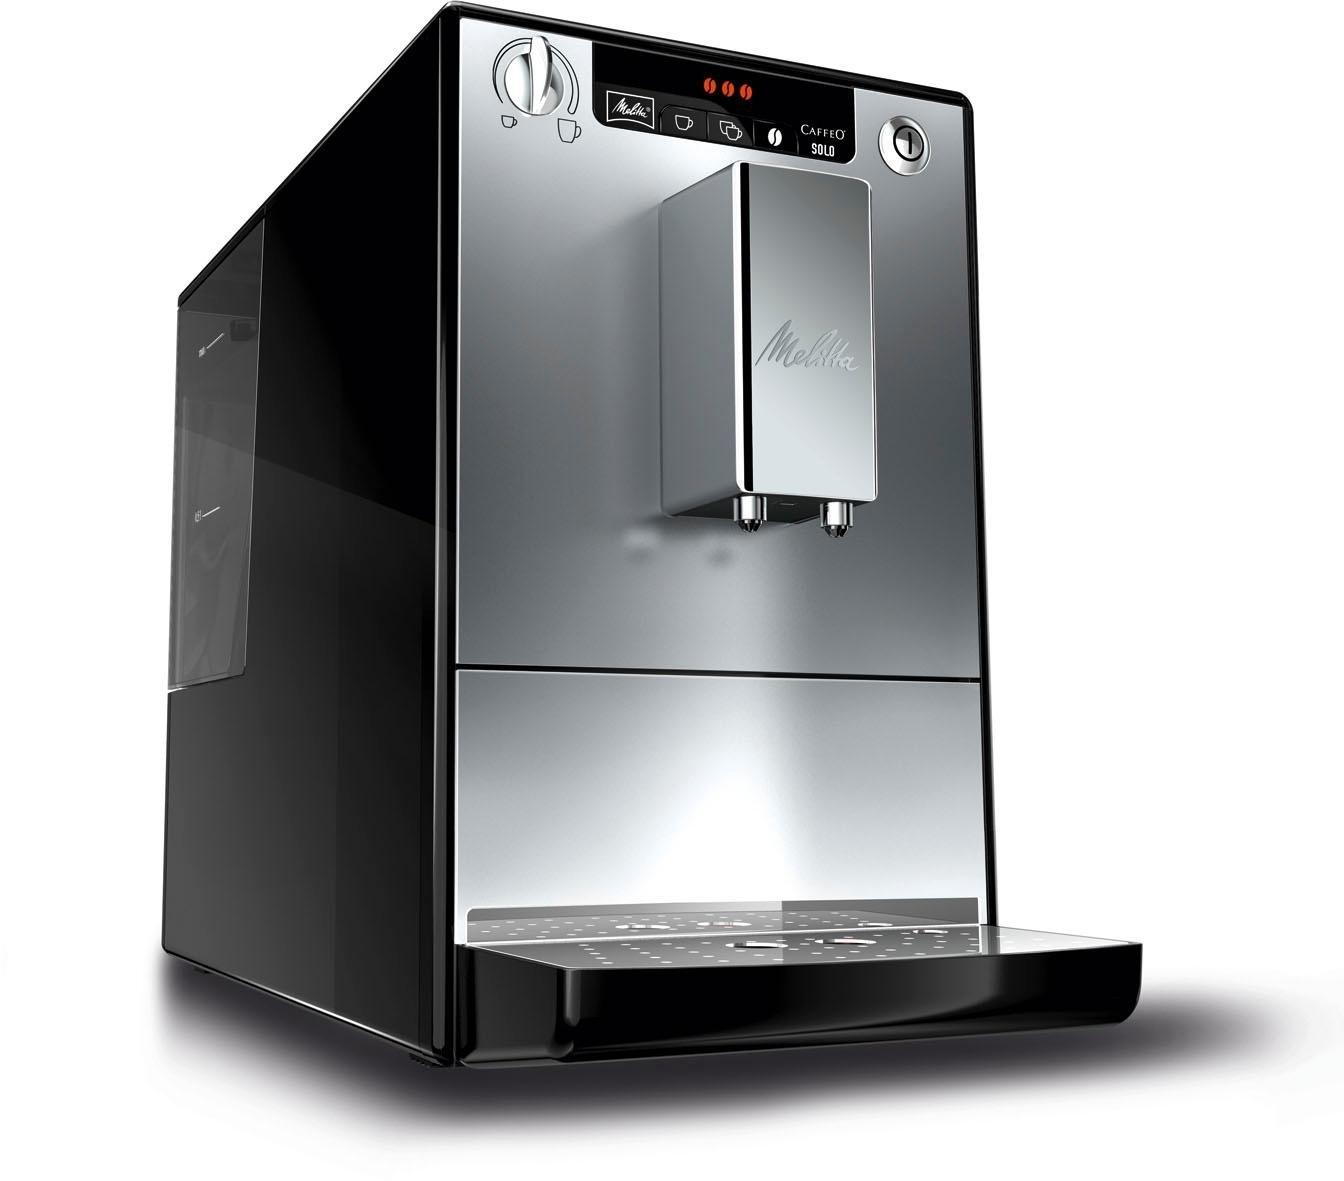 Melitta automatisch koffiezetapparaat CAFFEO® Solo® zwart/zilverkleur, E 950-103, 1,2 l-reservoir - gratis ruilen op otto.nl